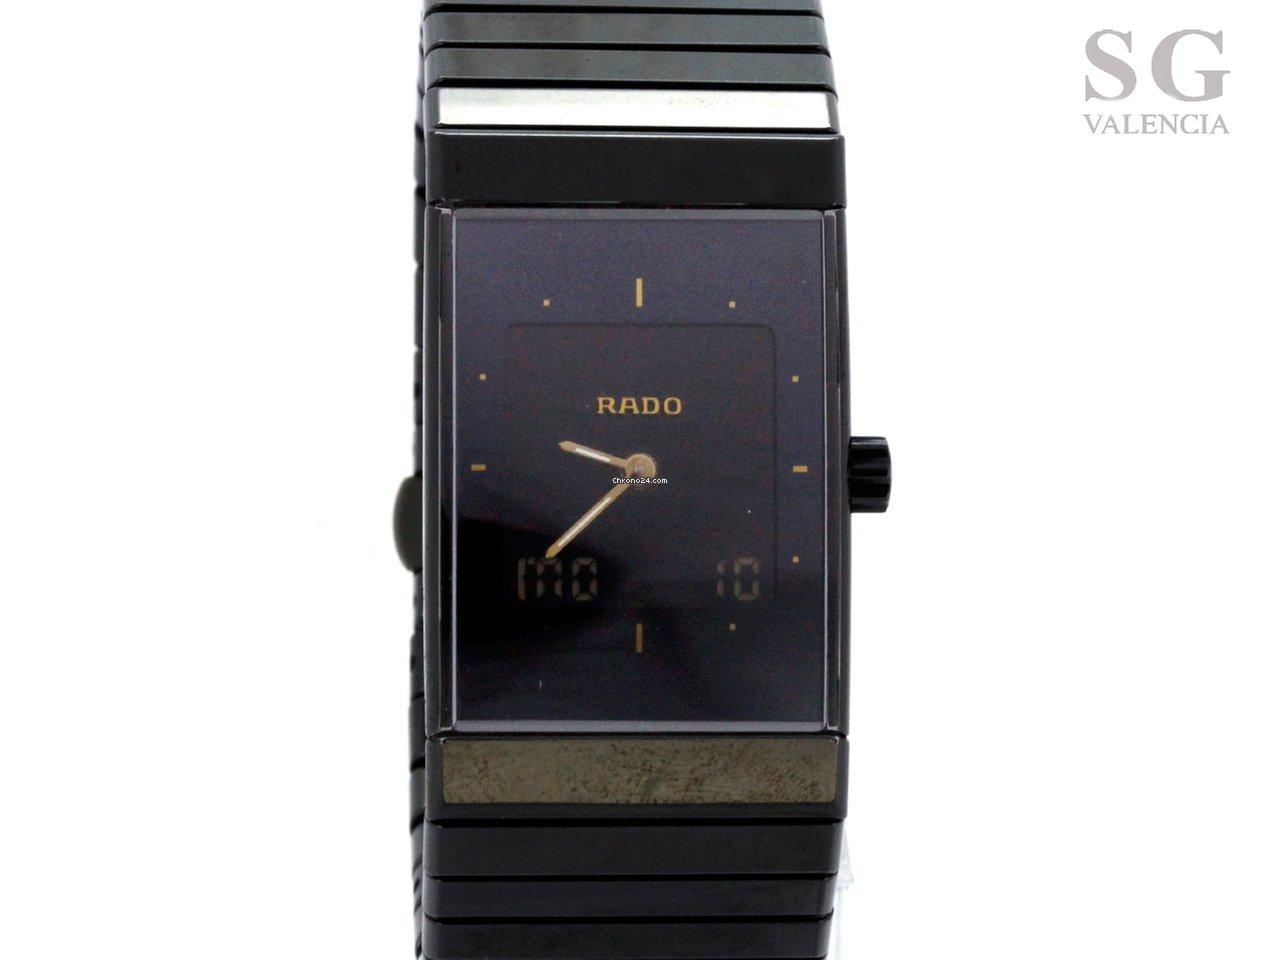 Relojes Rado de segunda mano - Compare el precio de los relojes Rado b1bccd65fe79